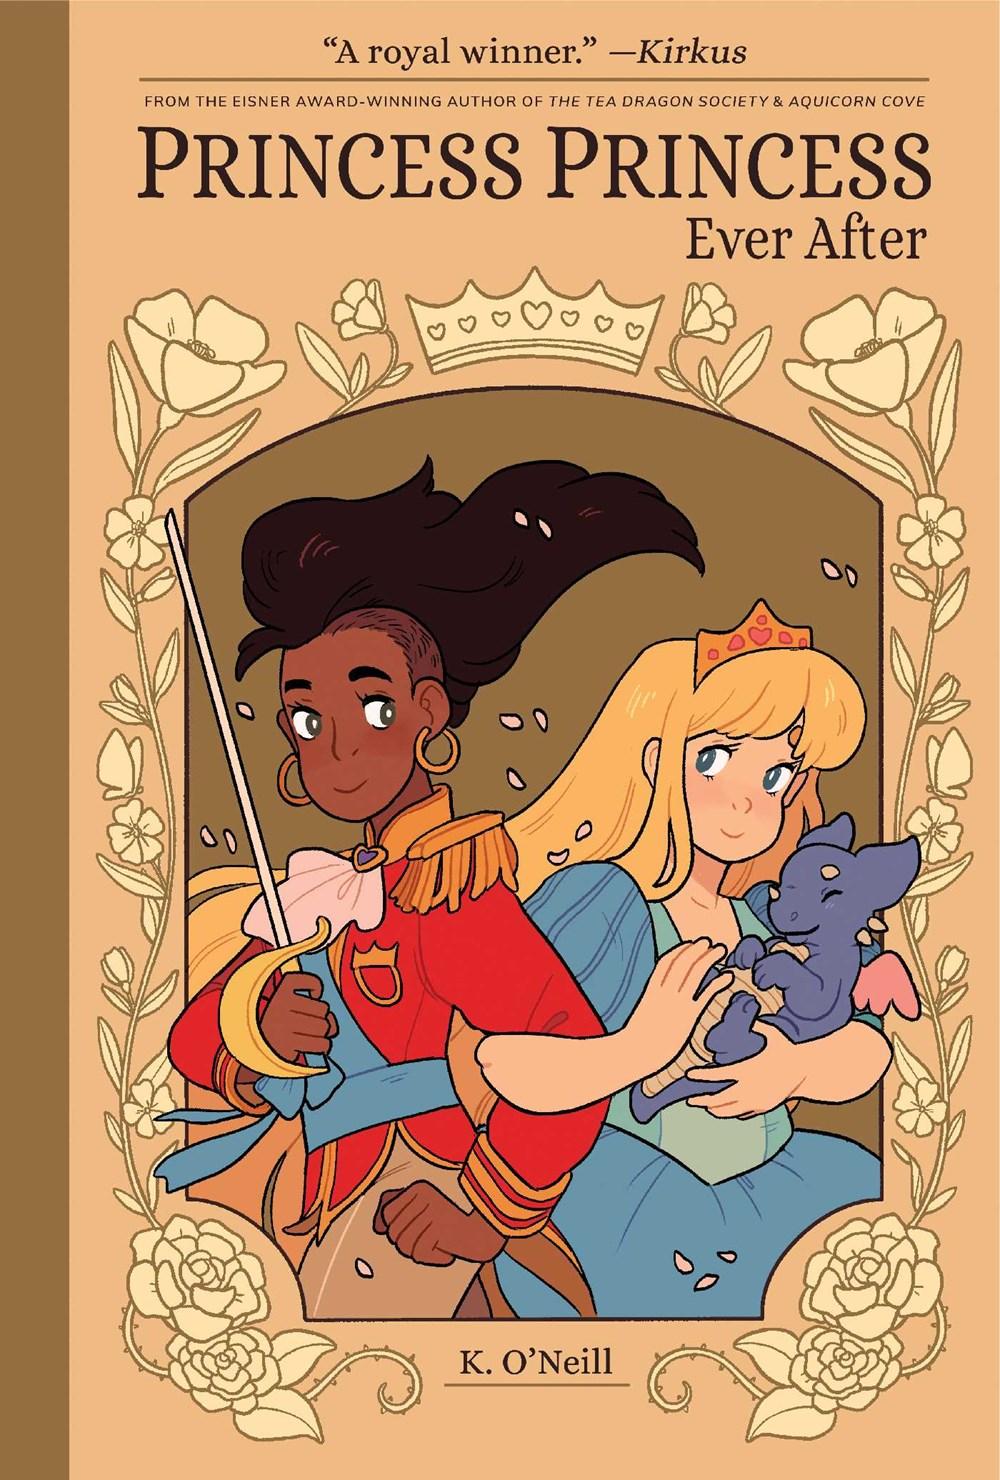 Princess Princess Ever After by K. O'Neill